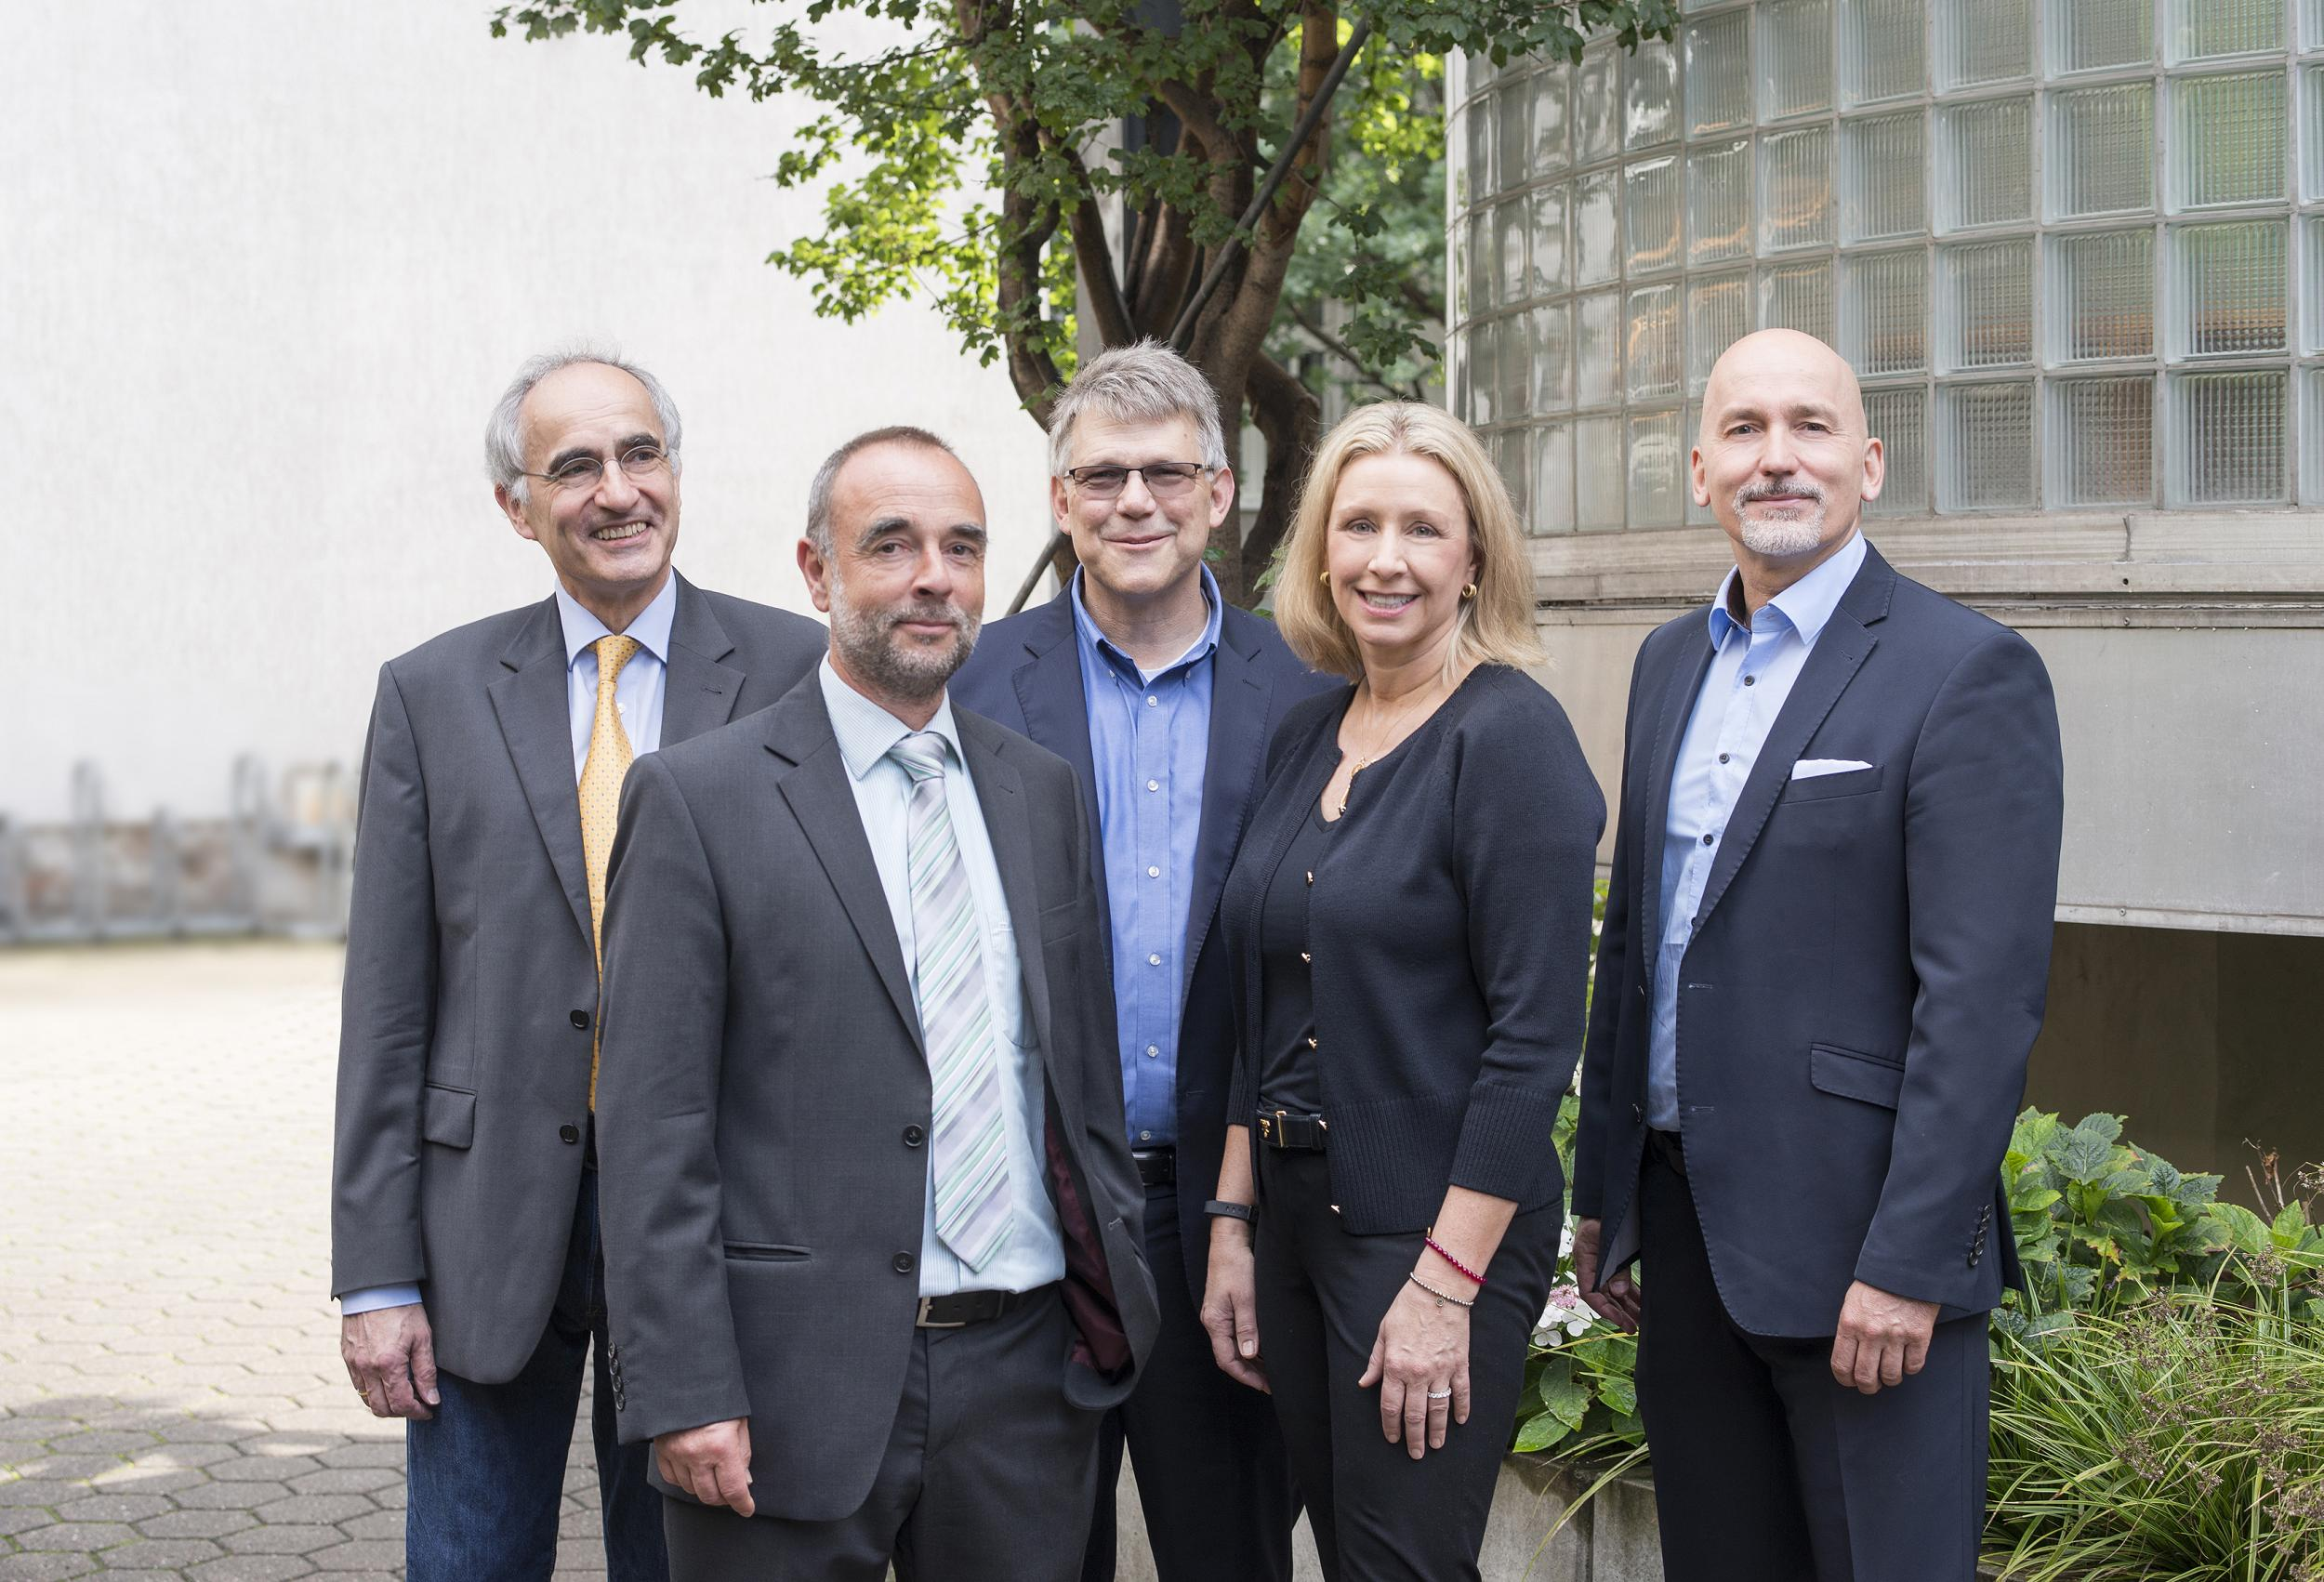 Das Team von Natural Dental Implants Aktiengesellschaft